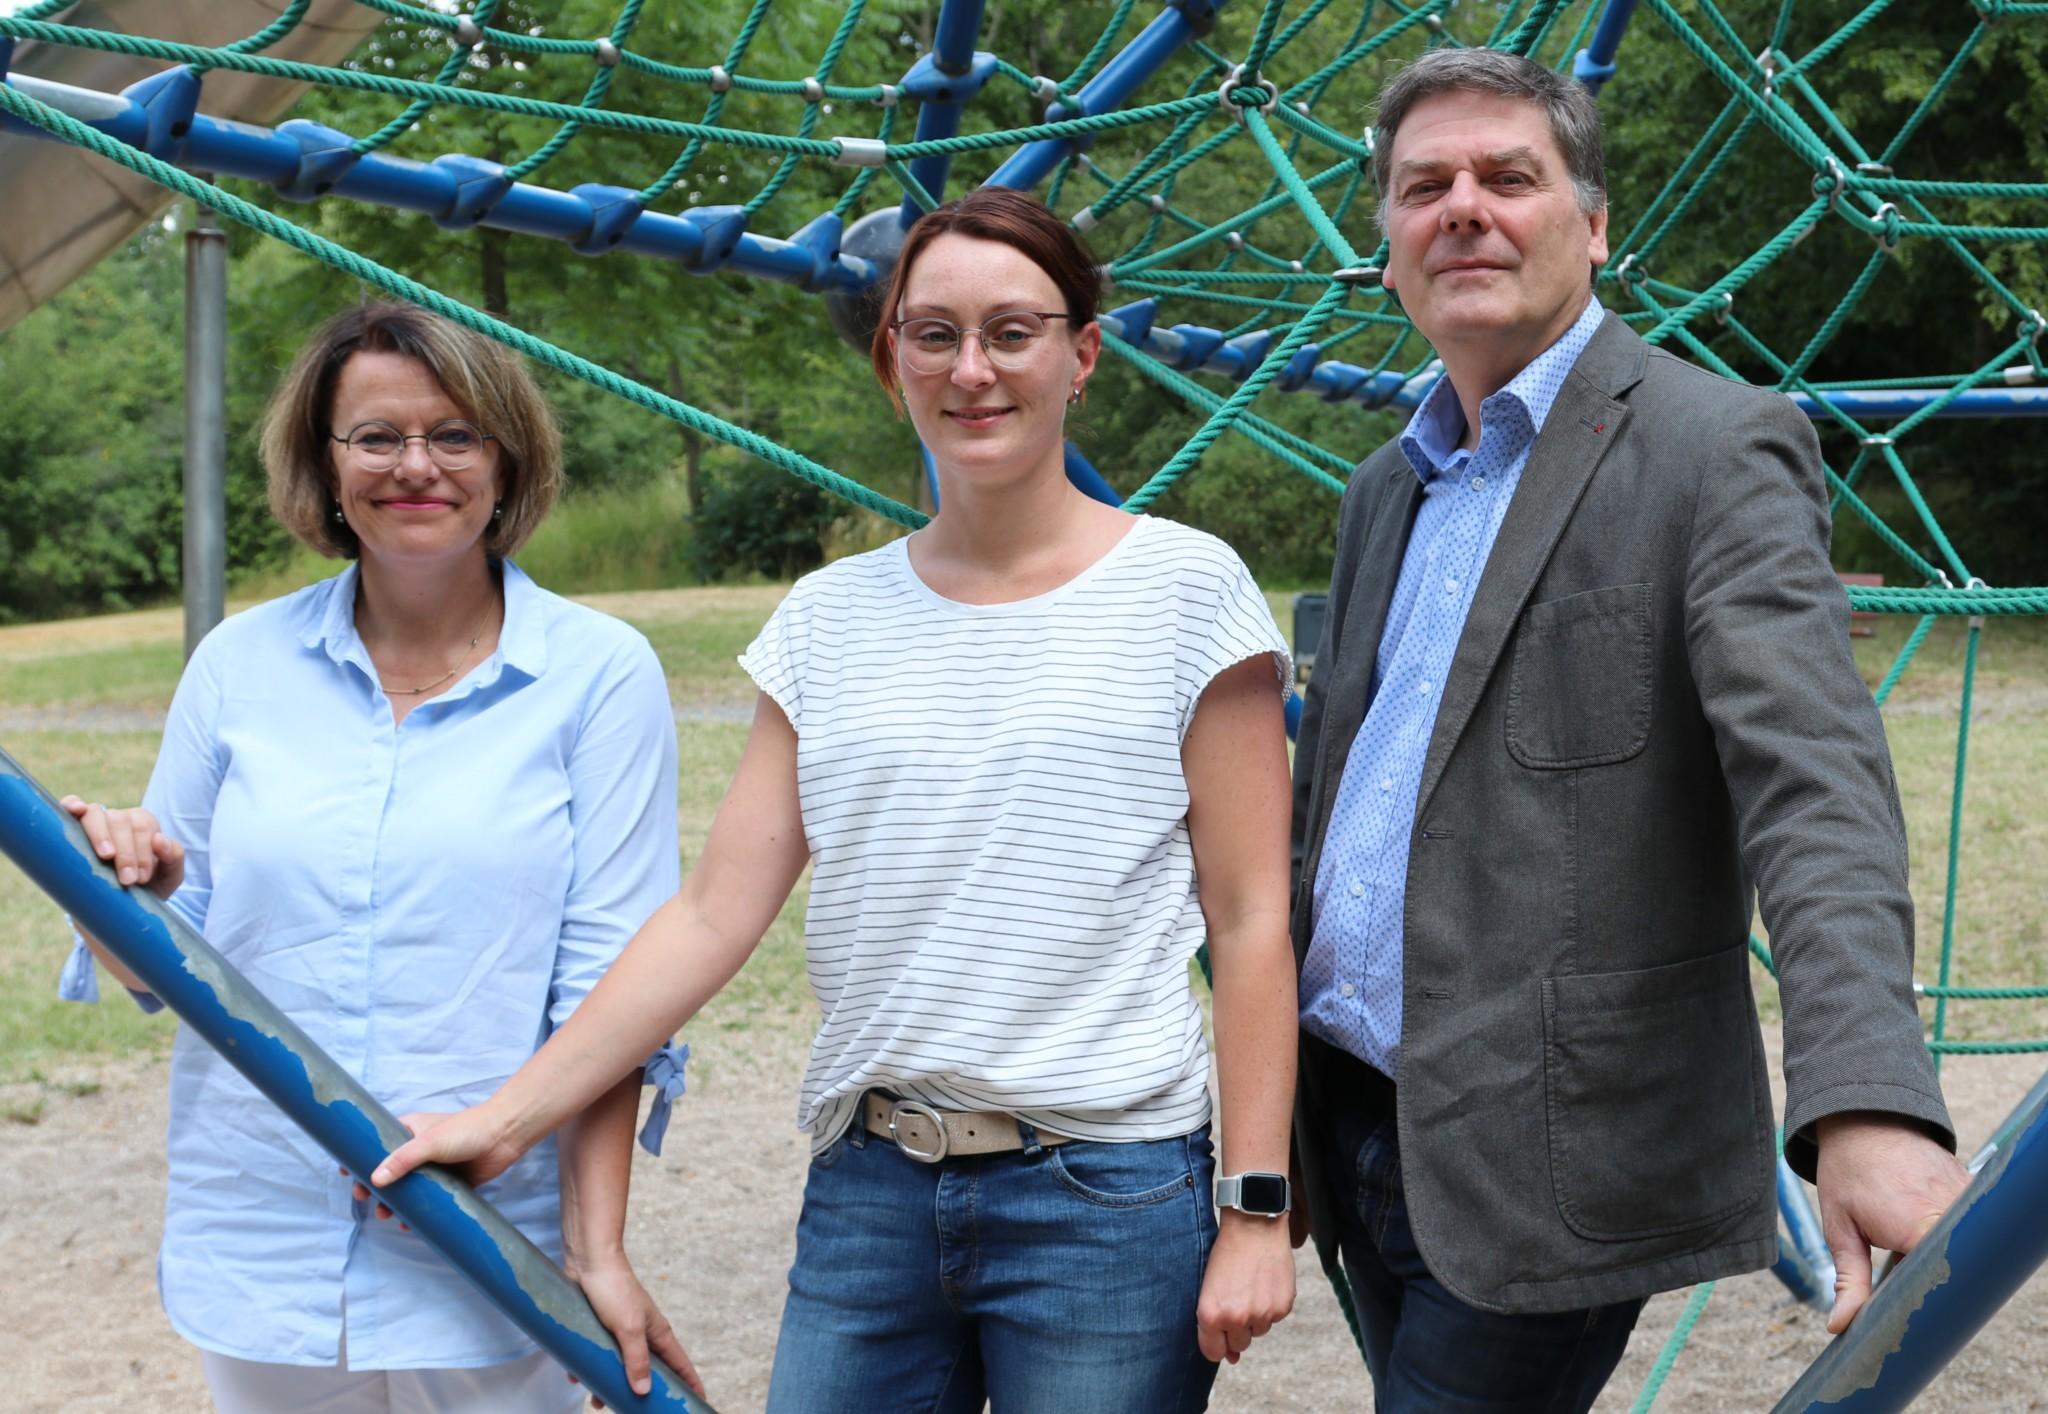 Das KoKi-Team für den Landkreis und die Stadt Hof: Gabriele Roth, Franziska Müller und Thomas Funke.